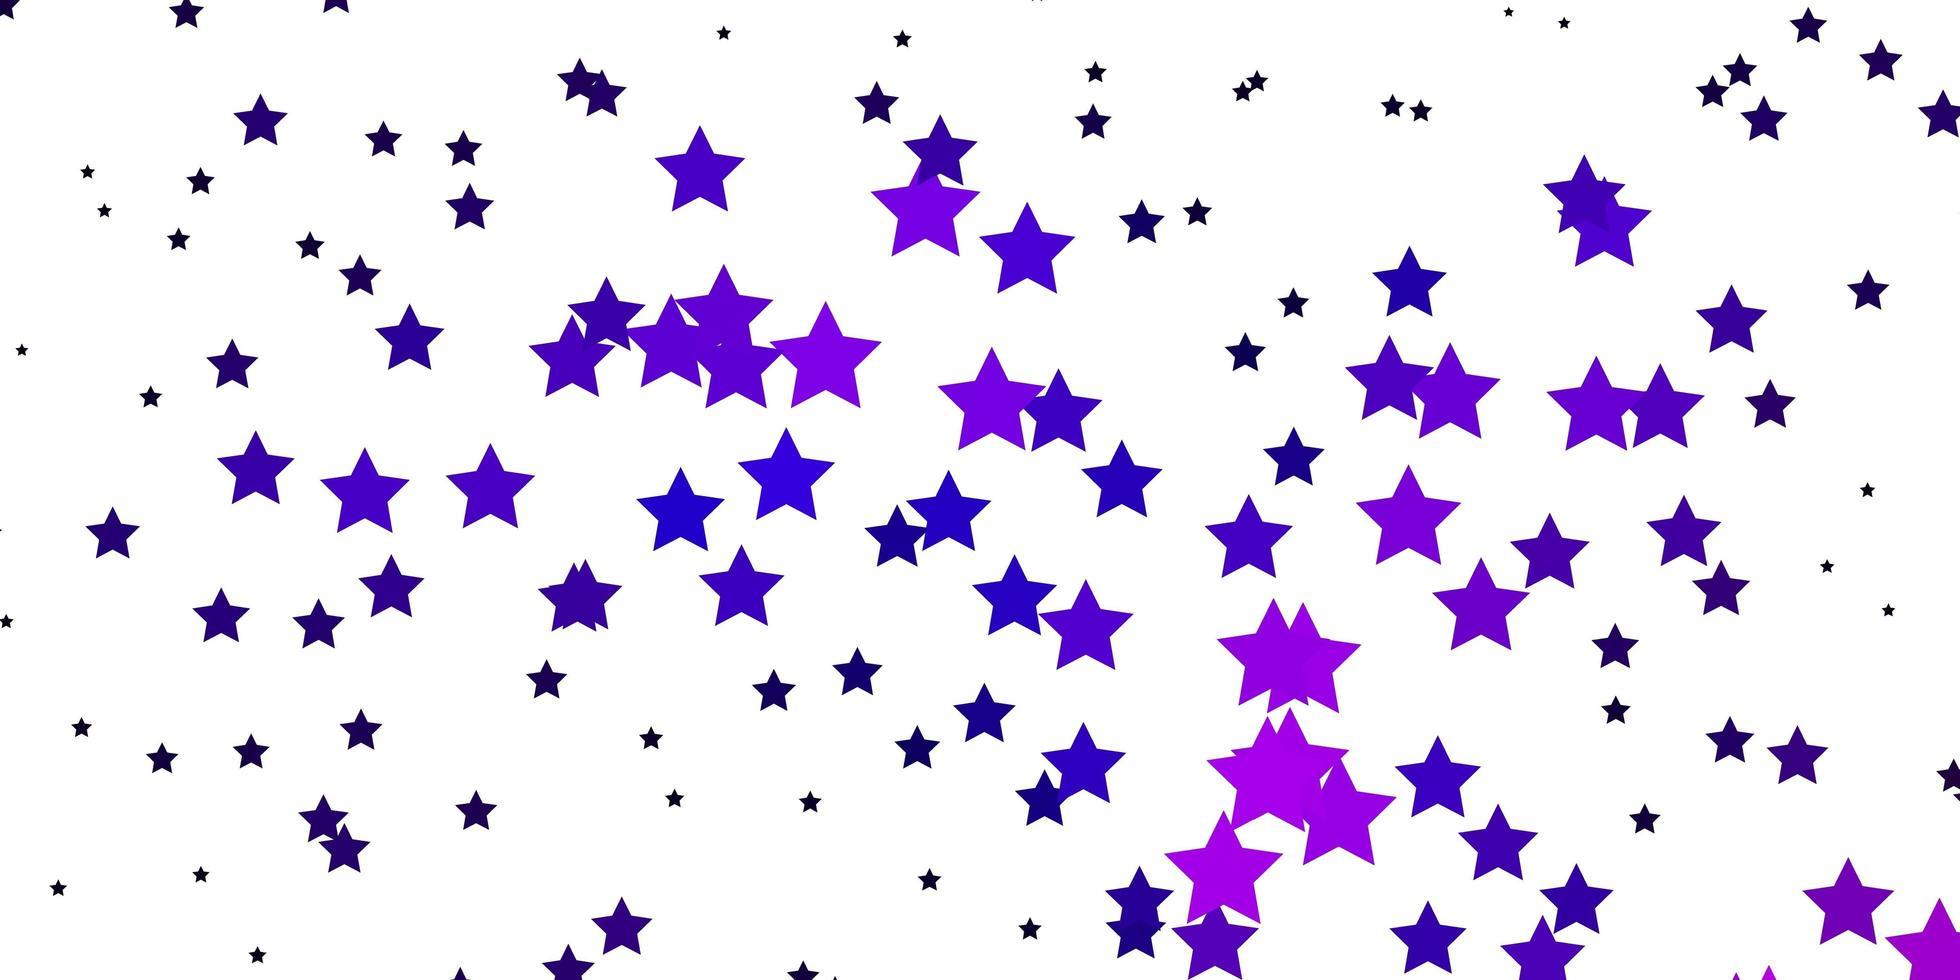 textura de vector púrpura oscuro, rosa con hermosas estrellas.